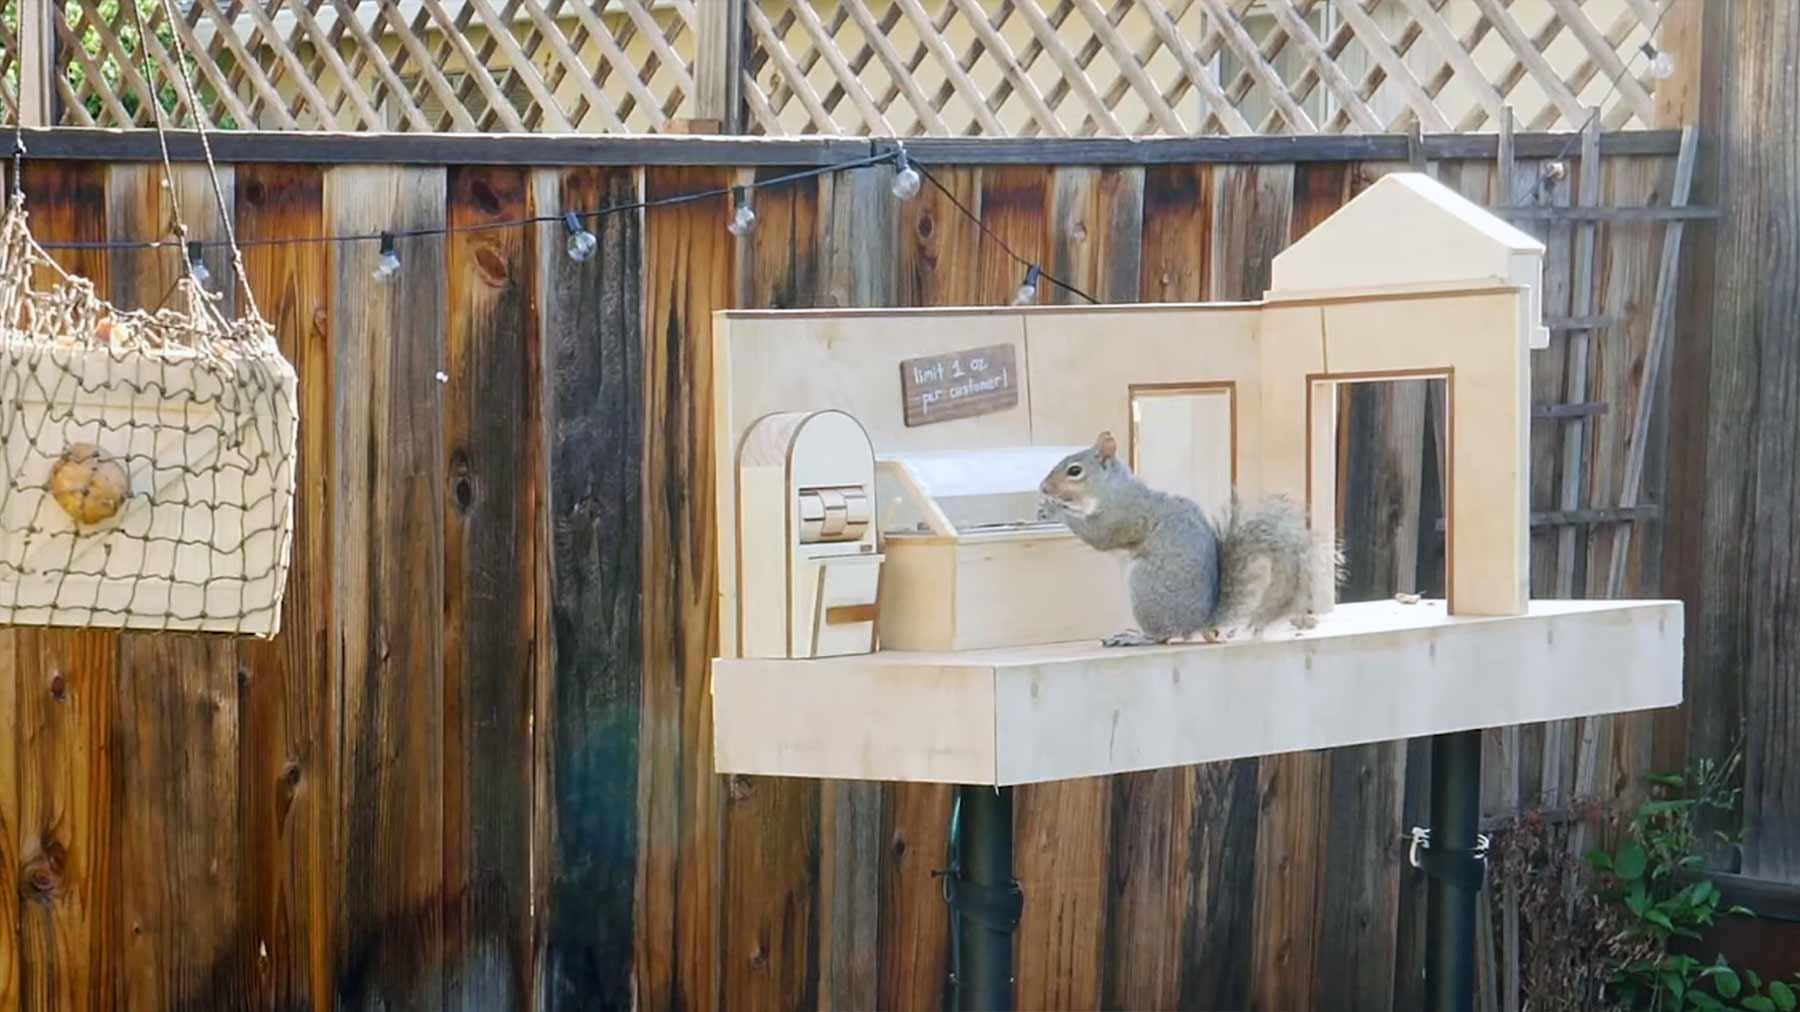 Mark Rober hat einen neuen Eichhörnchen-Parcours im Garten aufgebaut